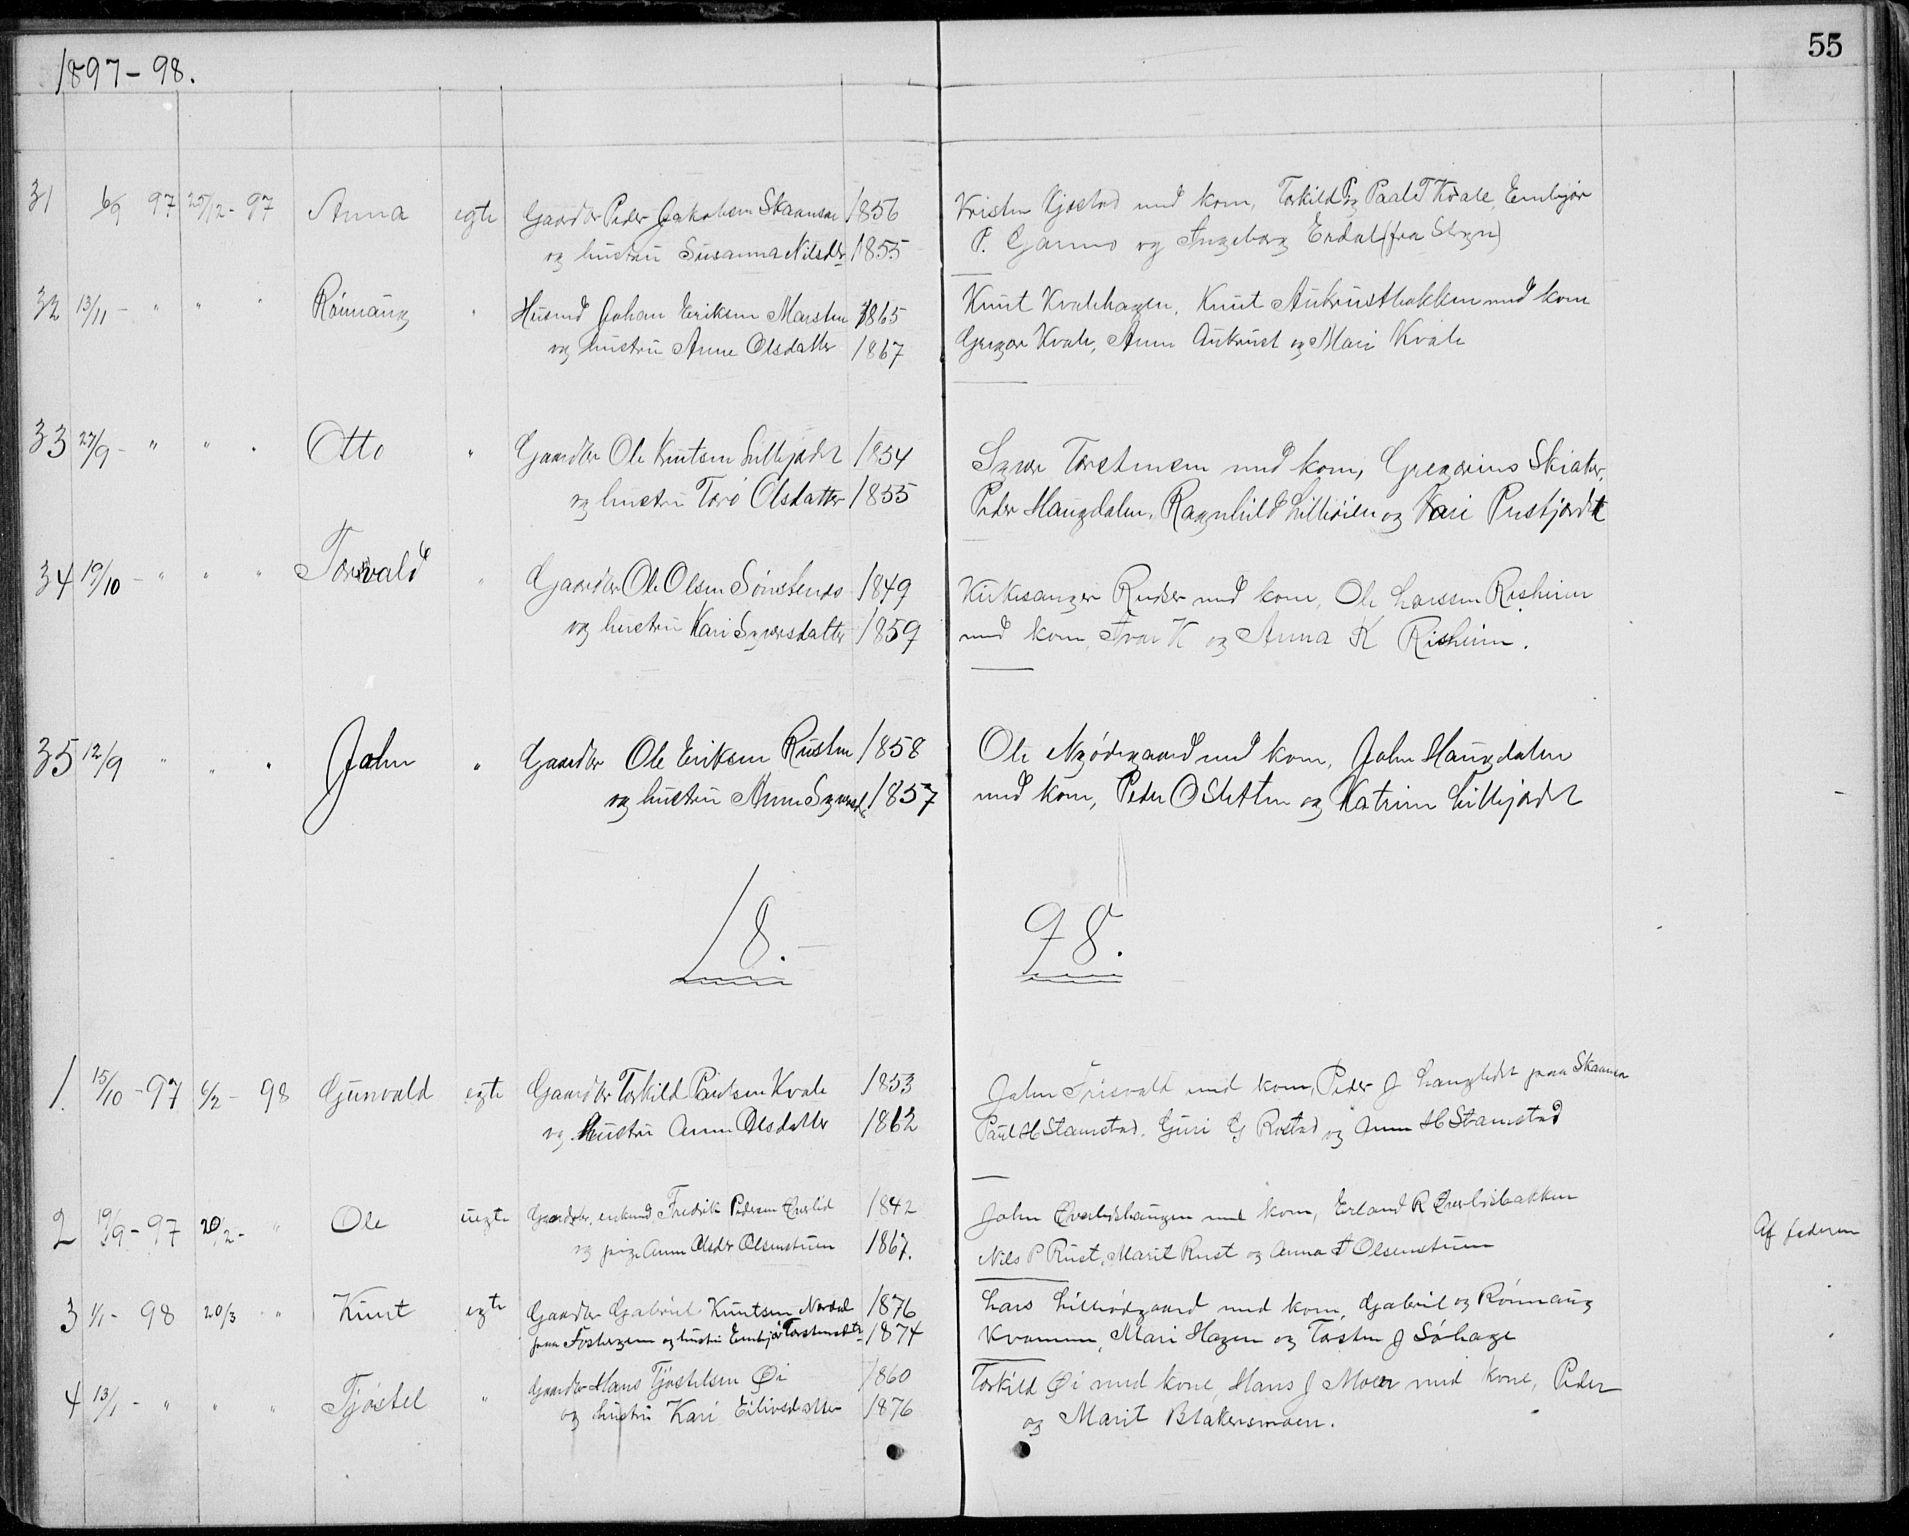 SAH, Lom prestekontor, L/L0013: Klokkerbok nr. 13, 1874-1938, s. 55